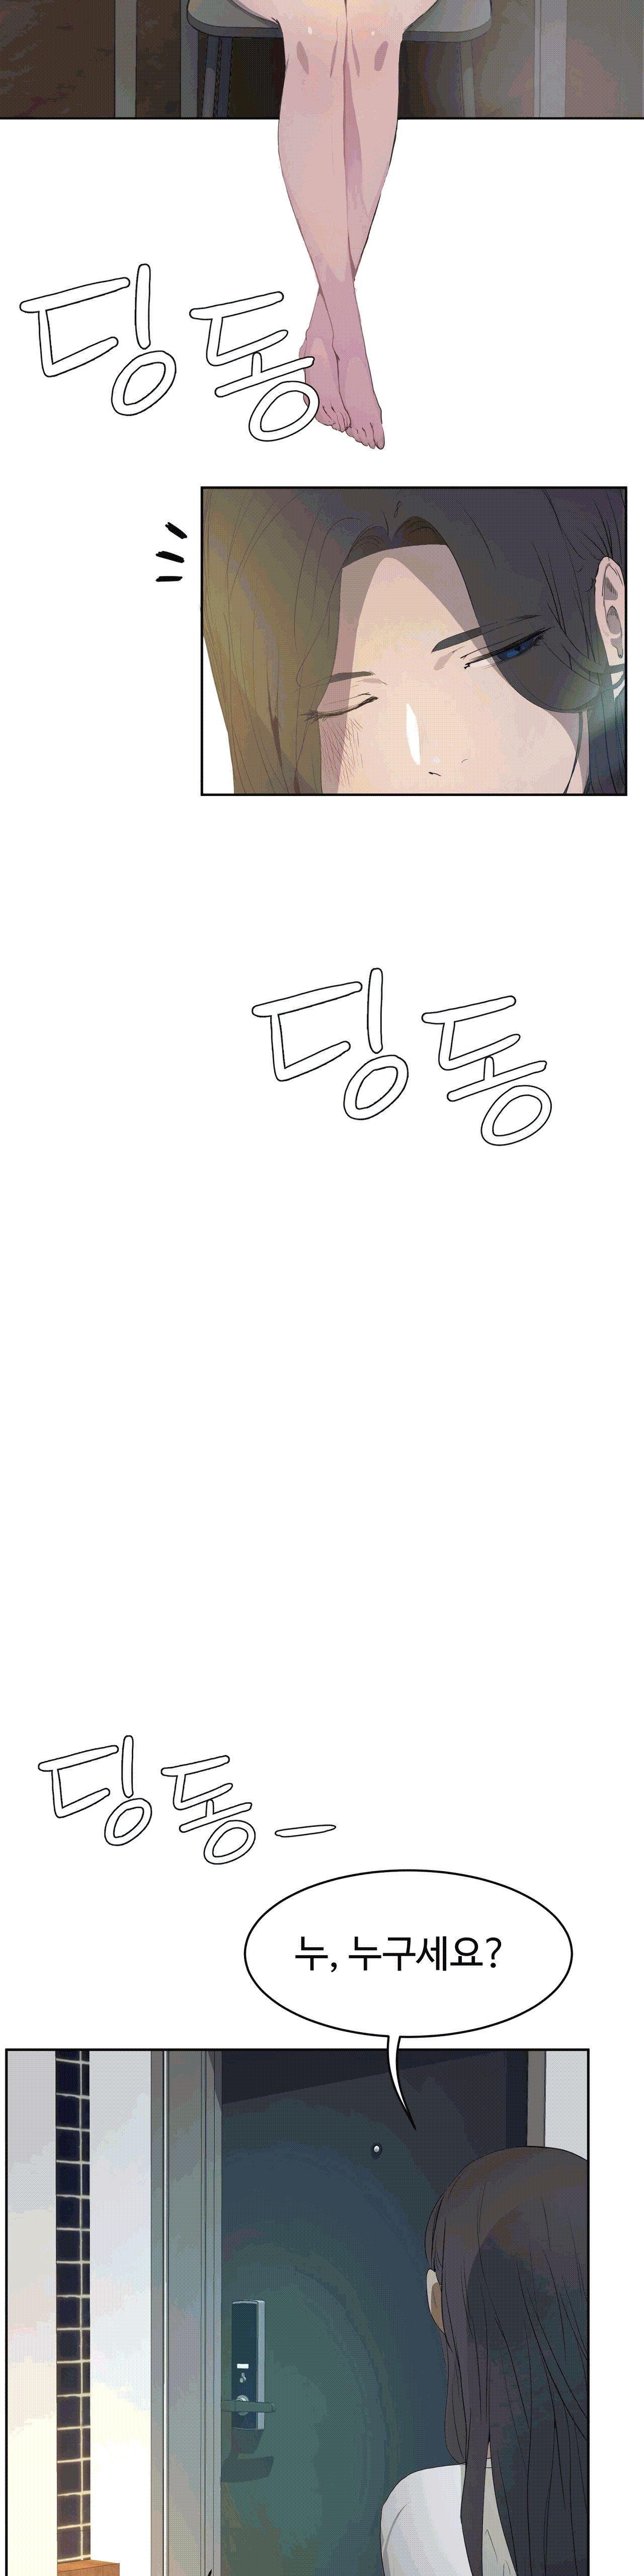 性教育 1-48.5 中文翻译(完結) 394